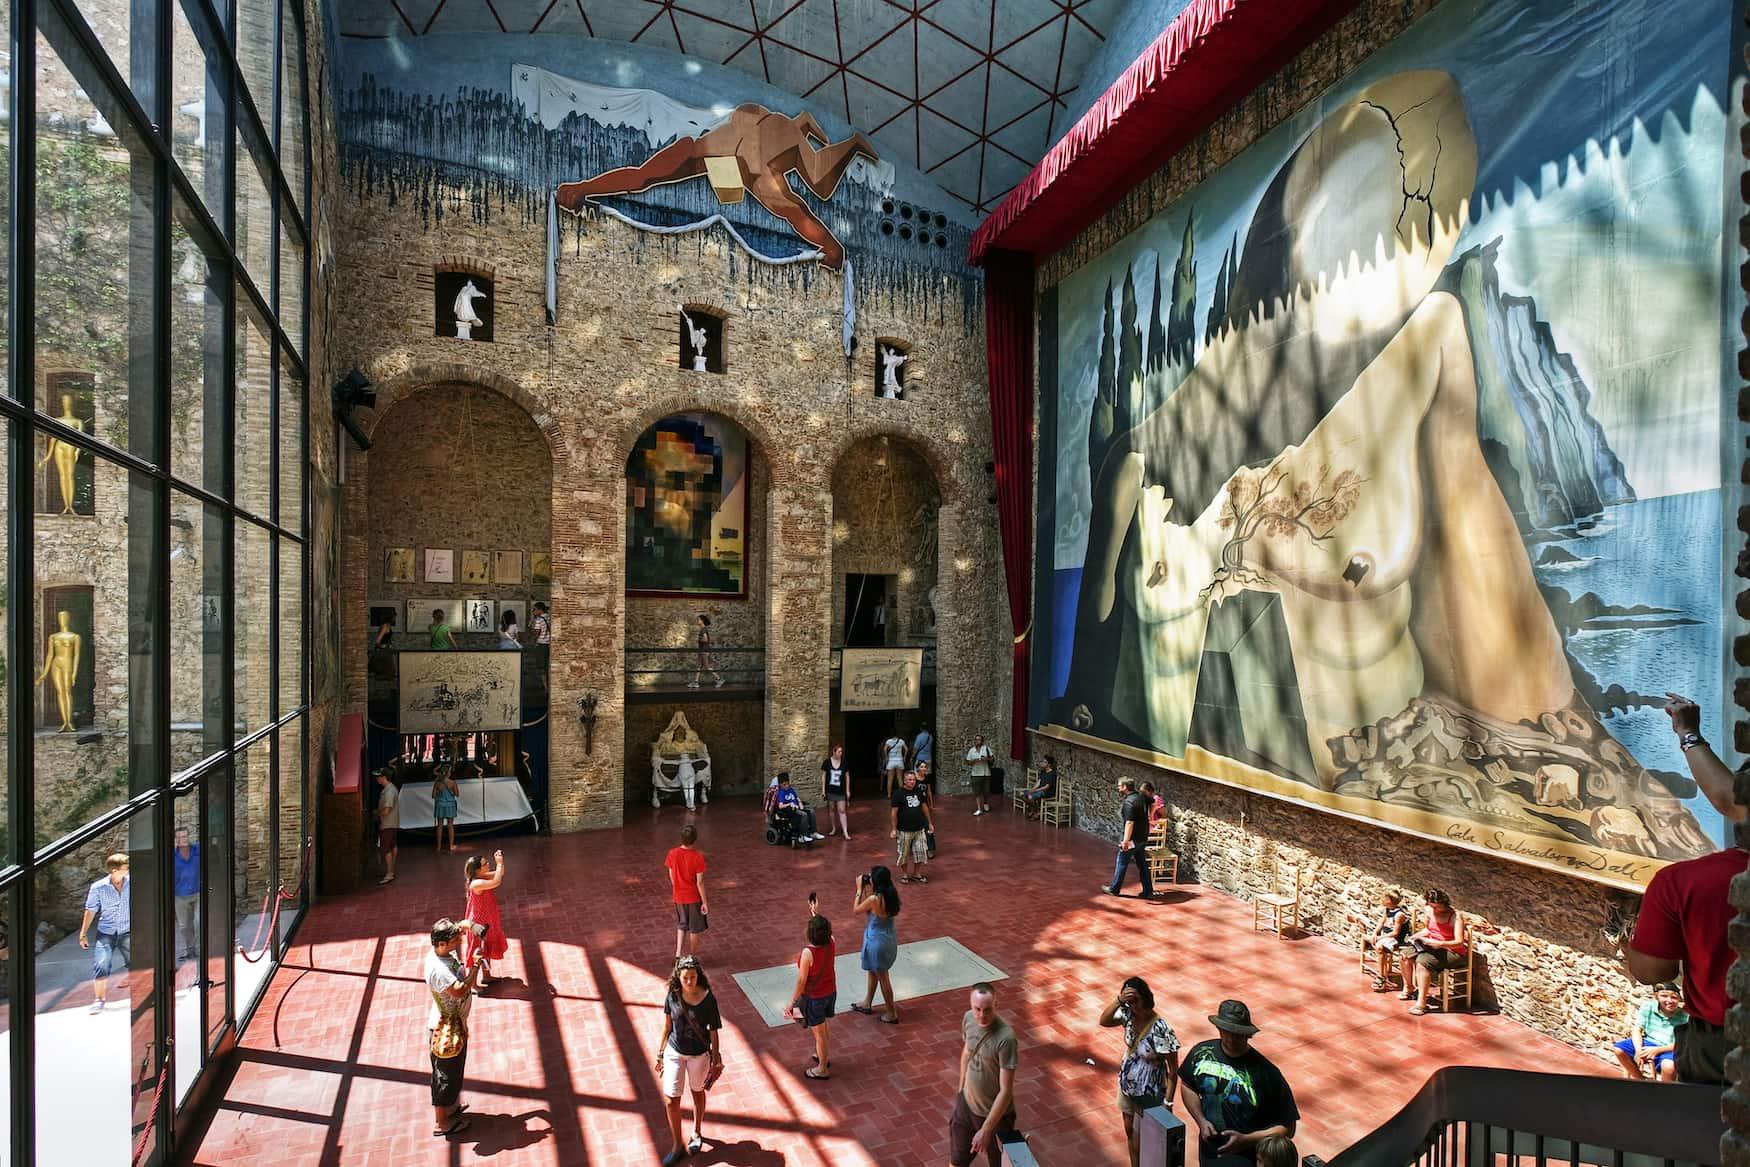 Salvador Dalí hat eines der bekanntesten Meisterwerke der Welt gemalt. In Figueres ist ihm ein Museum gewidmet.